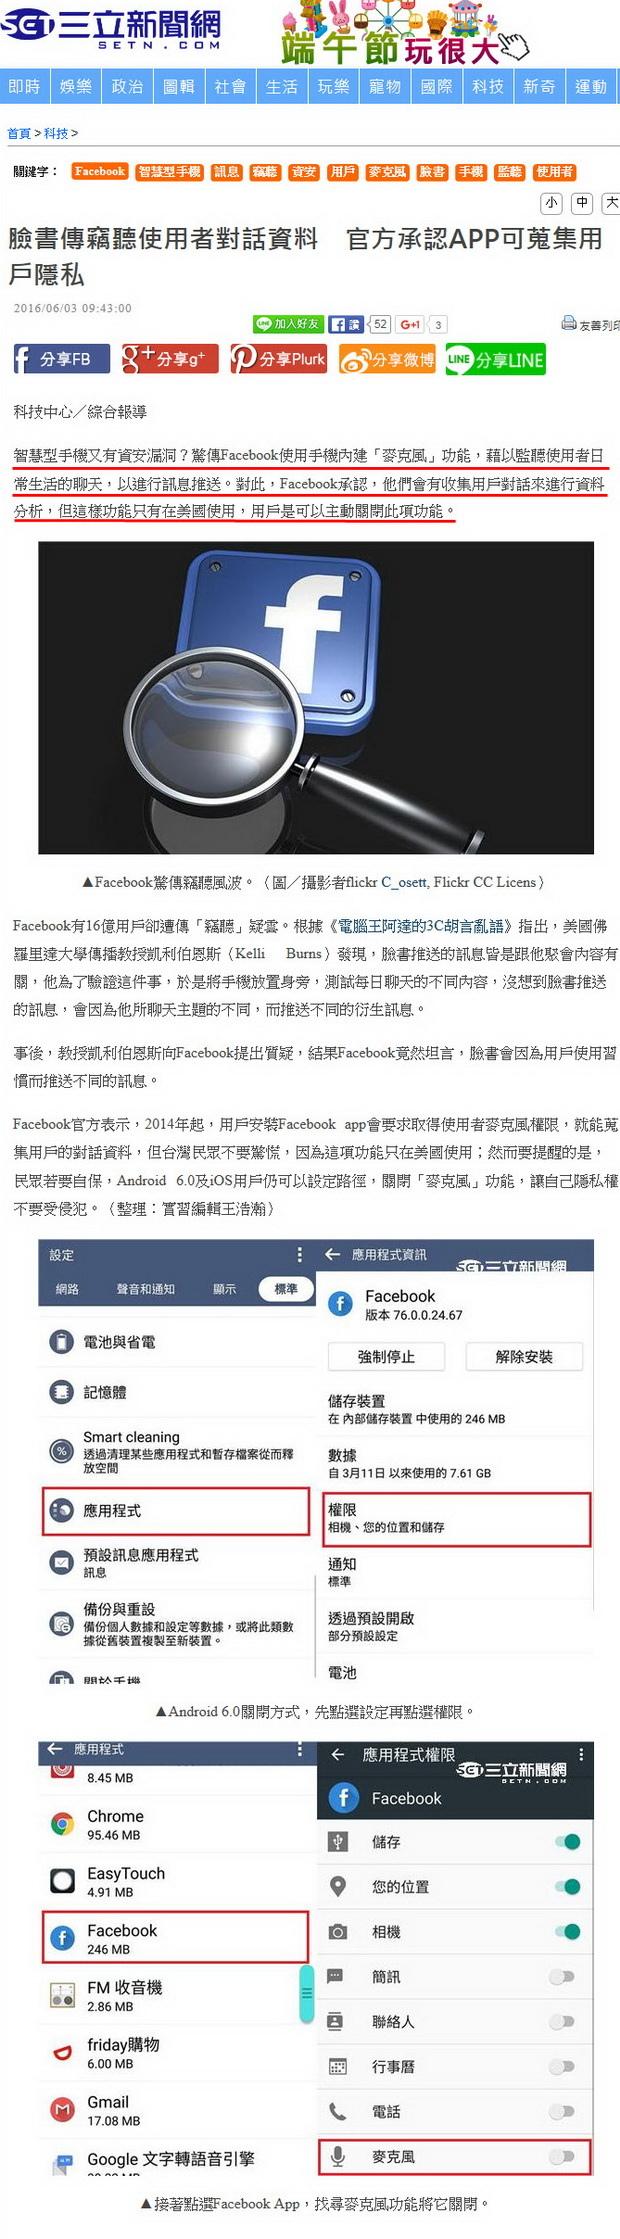 臉書傳竊聽使用者對話資料 官方承認APP可蒐集用戶隱私-2016.06.03.jpg